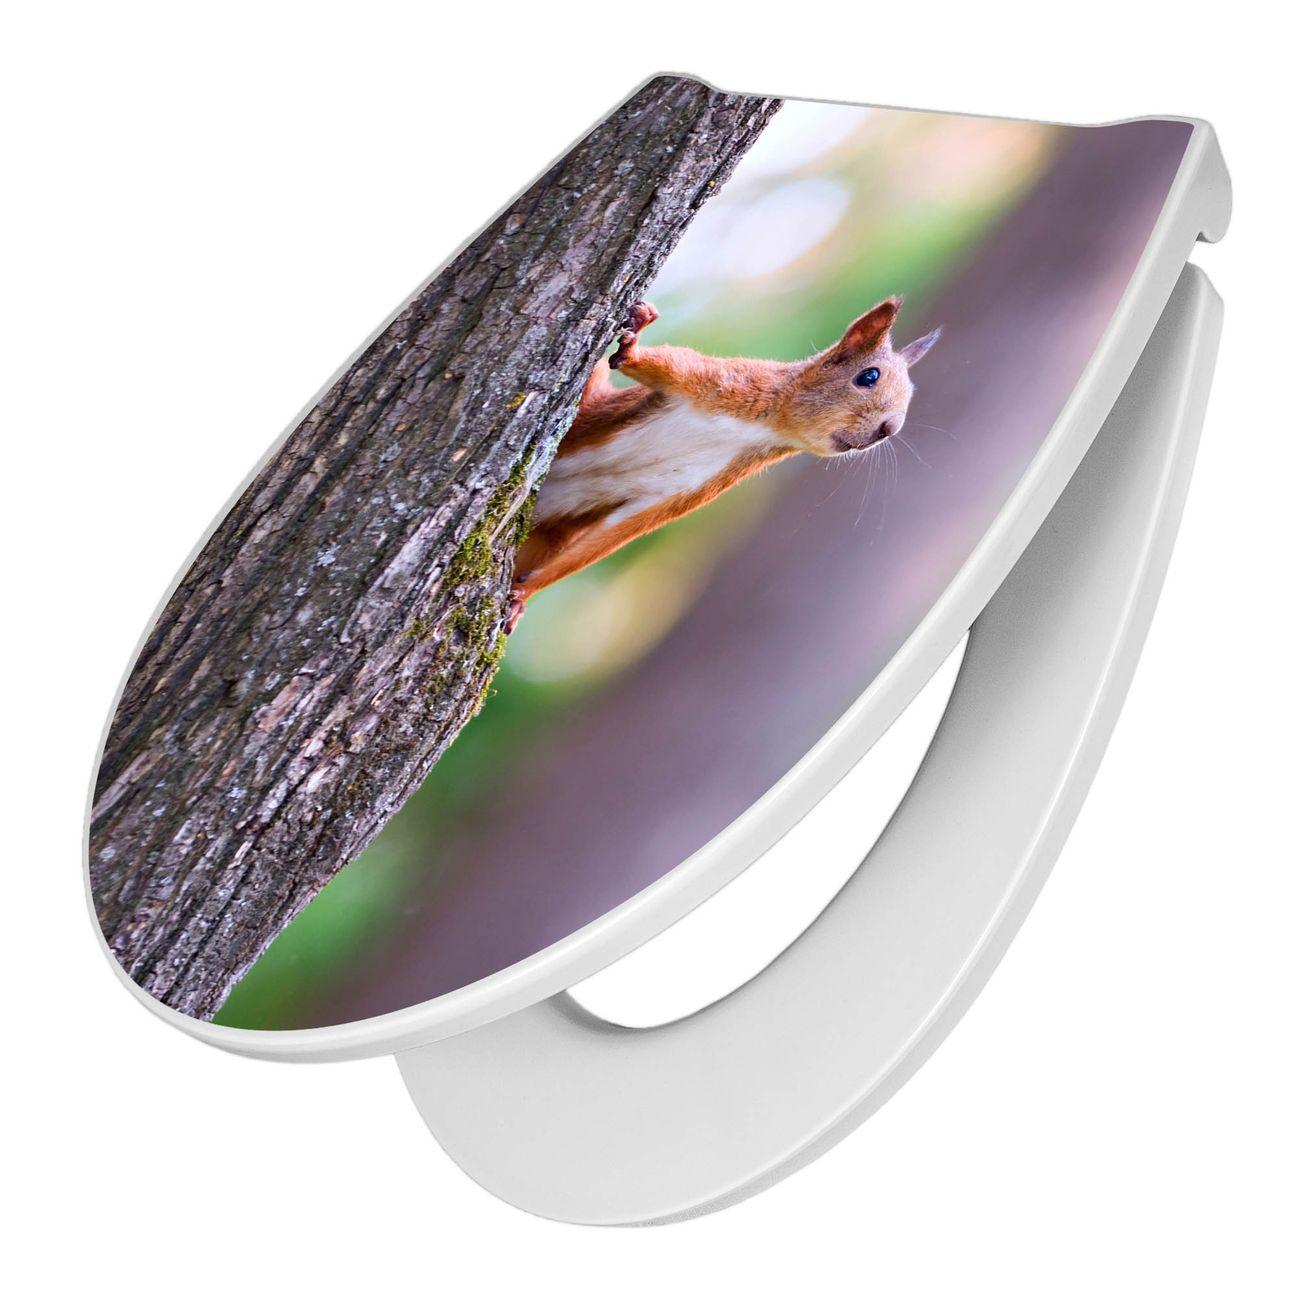 Premium WC-Sitz Softclose Absenkautomatik Motiv Eichhörnchen